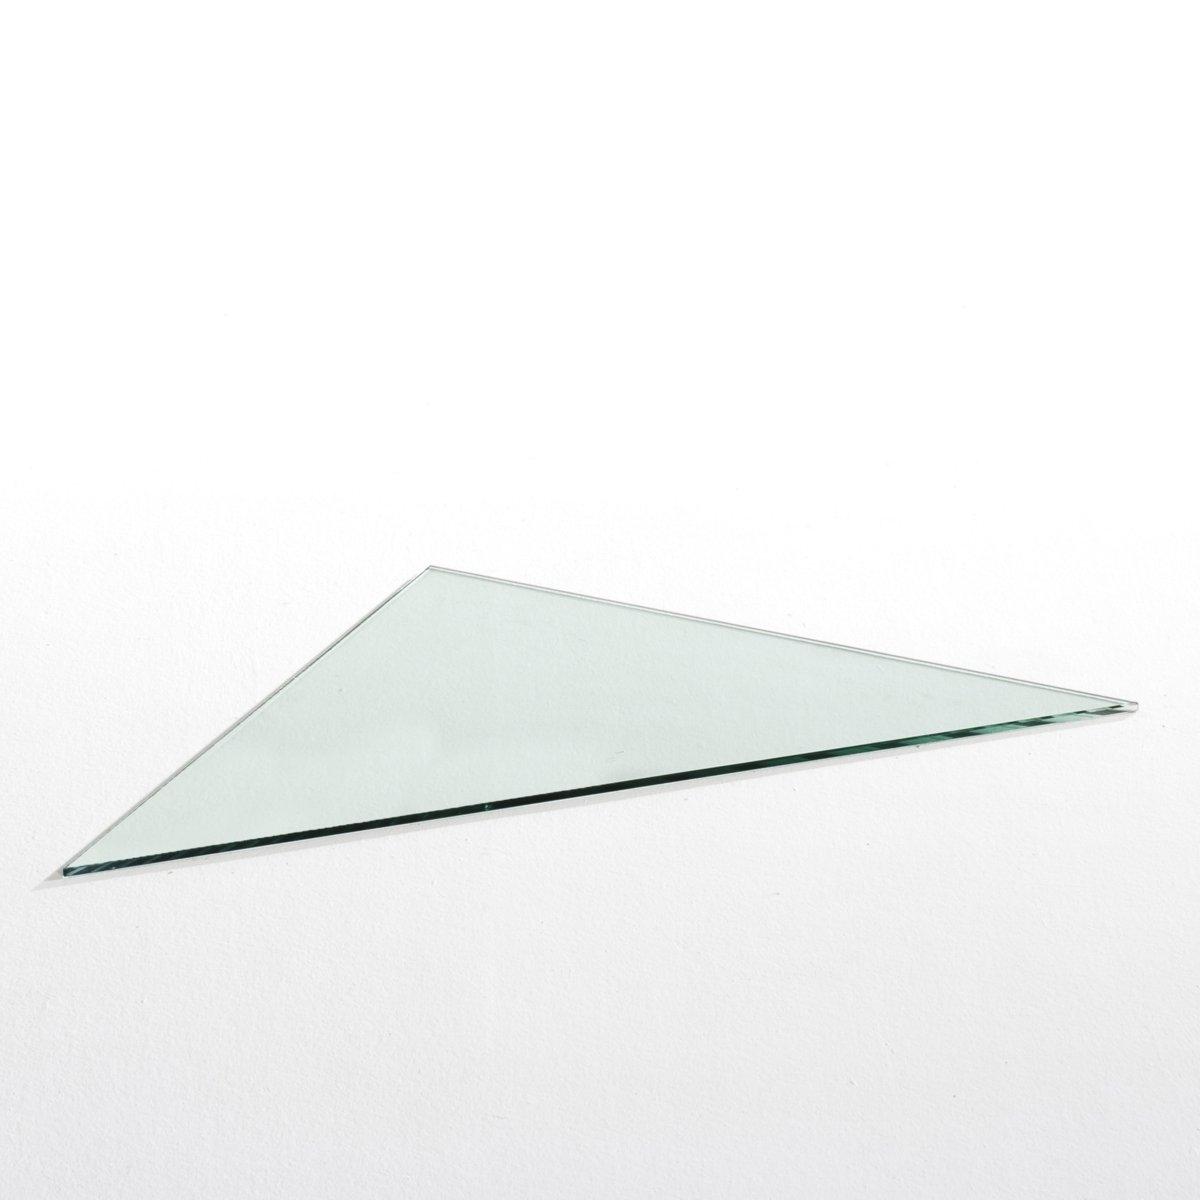 Столешница для углового стола из закаленного стекла, FagdaСтолешница для углового стола из закаленного стекла, Fagda. Используйте ее с соответствующей подставкой (также в продаже на нашем сайте), - этот угловой стол легко поместится даже в небольшом кабинете!Характеристики столешницы из закаленного стекла Fagda:Выполнена из закаленного стекла.Продается в комплекте с прокладками с вакуумным присосом.Другие предметы мебели из коллекции Fagda на сайте laredoute.ru  Размеры столешницы из закаленного стекла Fagda:80 x 80 см.Толщ. 10 мм.Размеры и вес посылки:1 посылка88,5 x 88,5 x 65 см12 кгДоставка:Данная модель стола требует самостоятельной сборки. Доставка осуществляется до квартиры по предварительной договоренности!Внимание! Убедитесь в том, что посылку возможно доставить на дом, учитывая ее габариты.<br><br>Цвет: прозрачный<br>Размер: единый размер